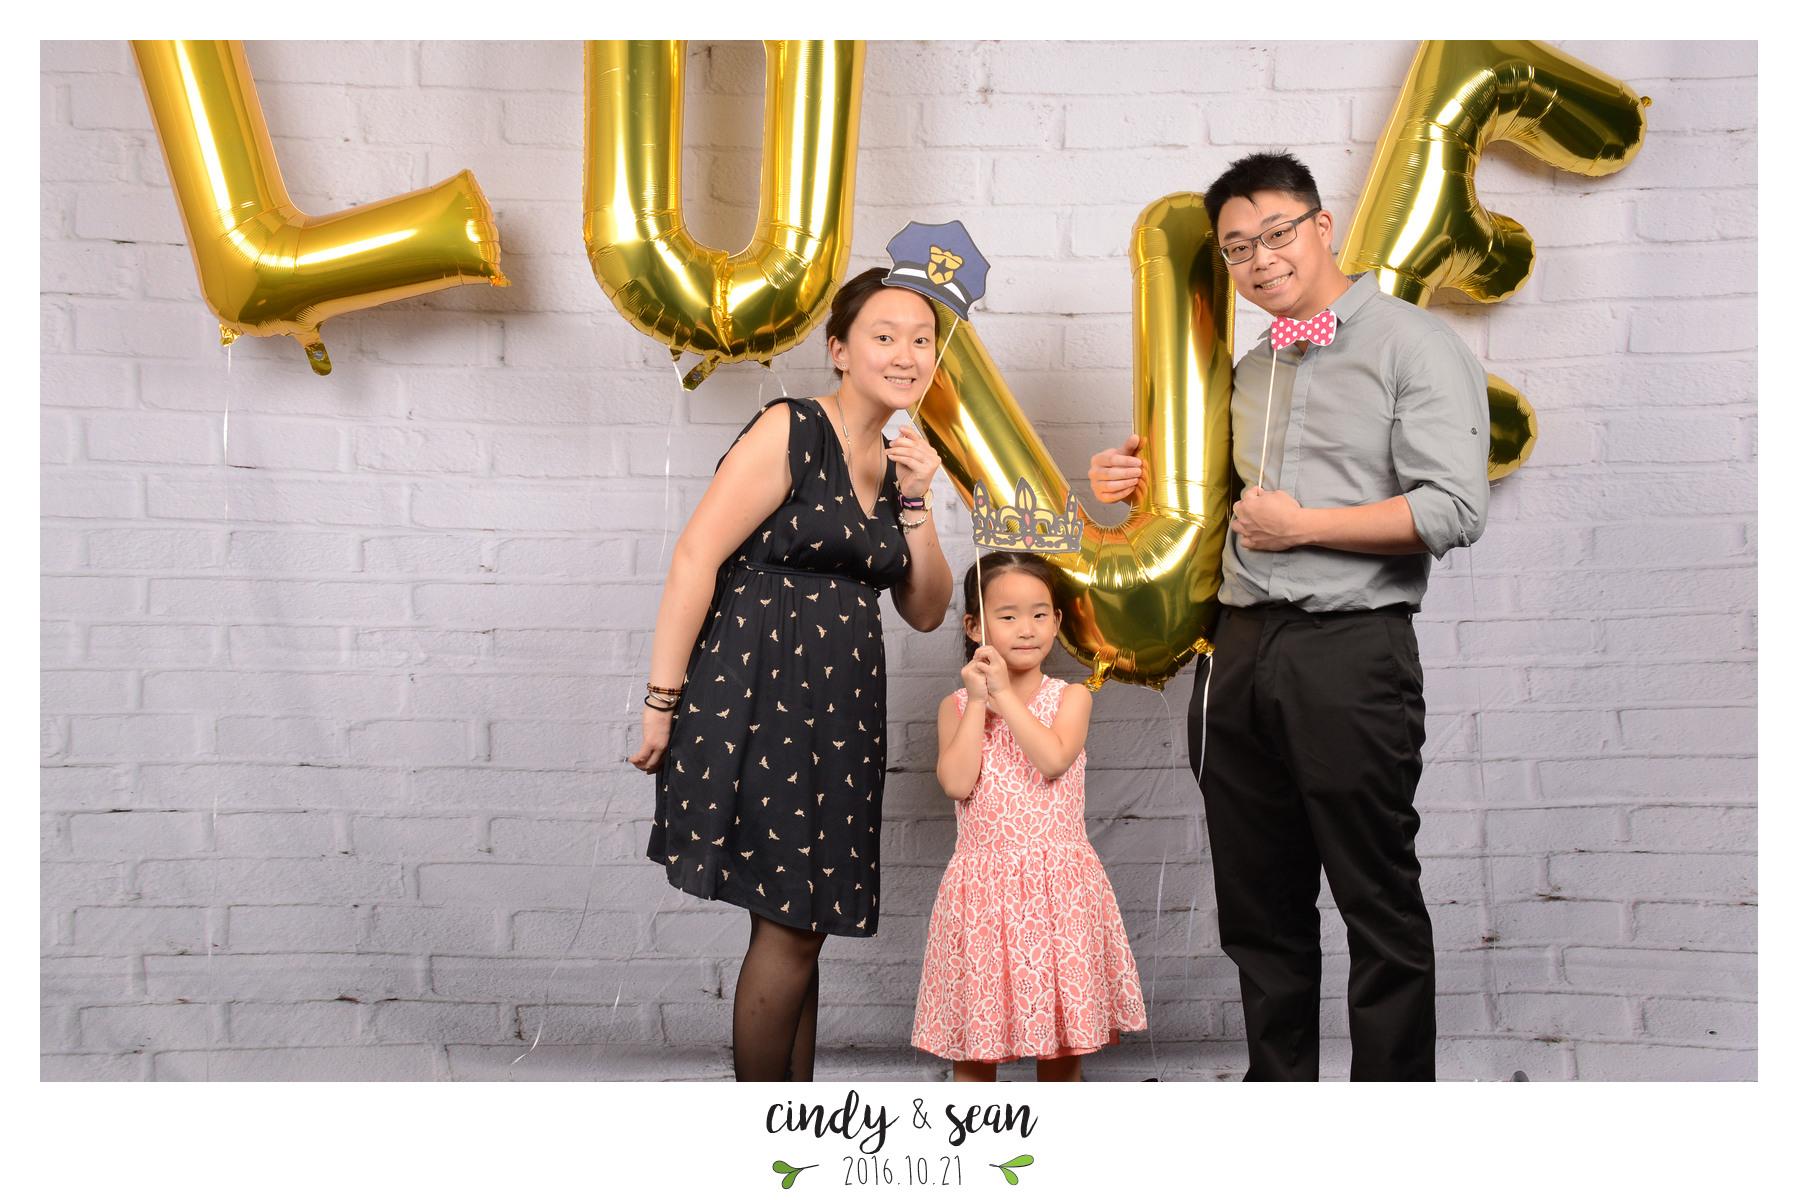 Cindy Sean Bae - 0001-167.jpg